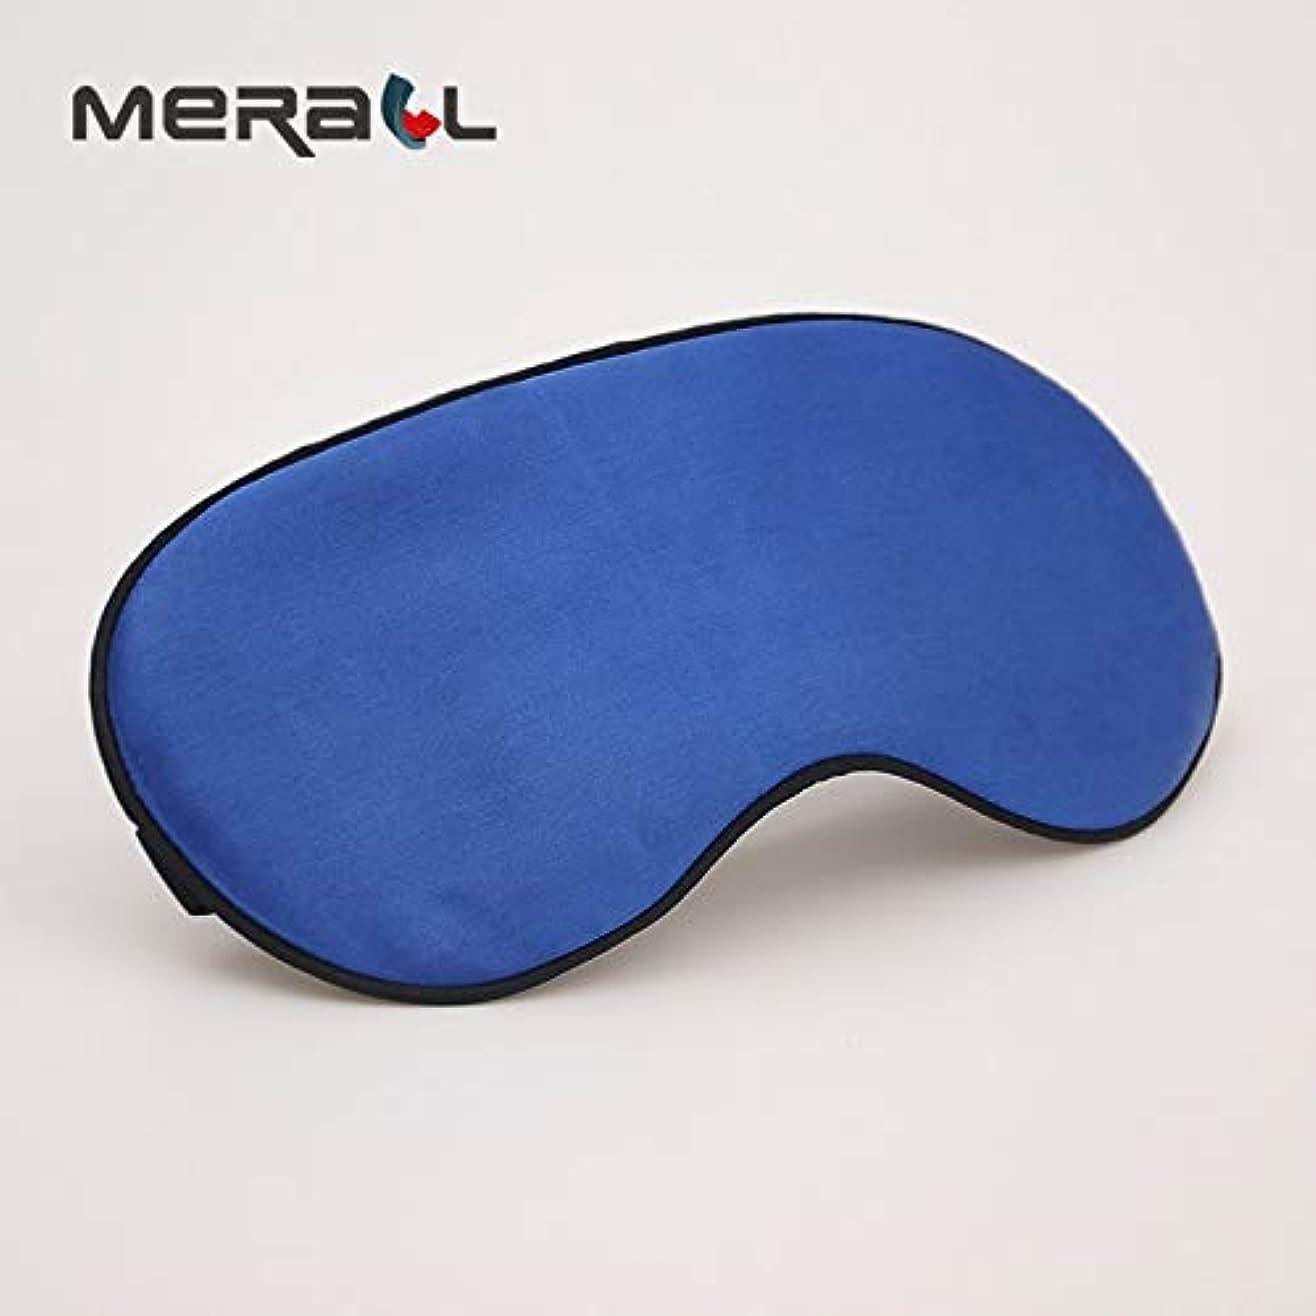 メドレー補償トロピカル注意シルクシェーディング睡眠アイマスク目の上の調節可能な包帯睡眠ソフトアイカバー大人の子供旅行休息アイパッチ睡眠マスク